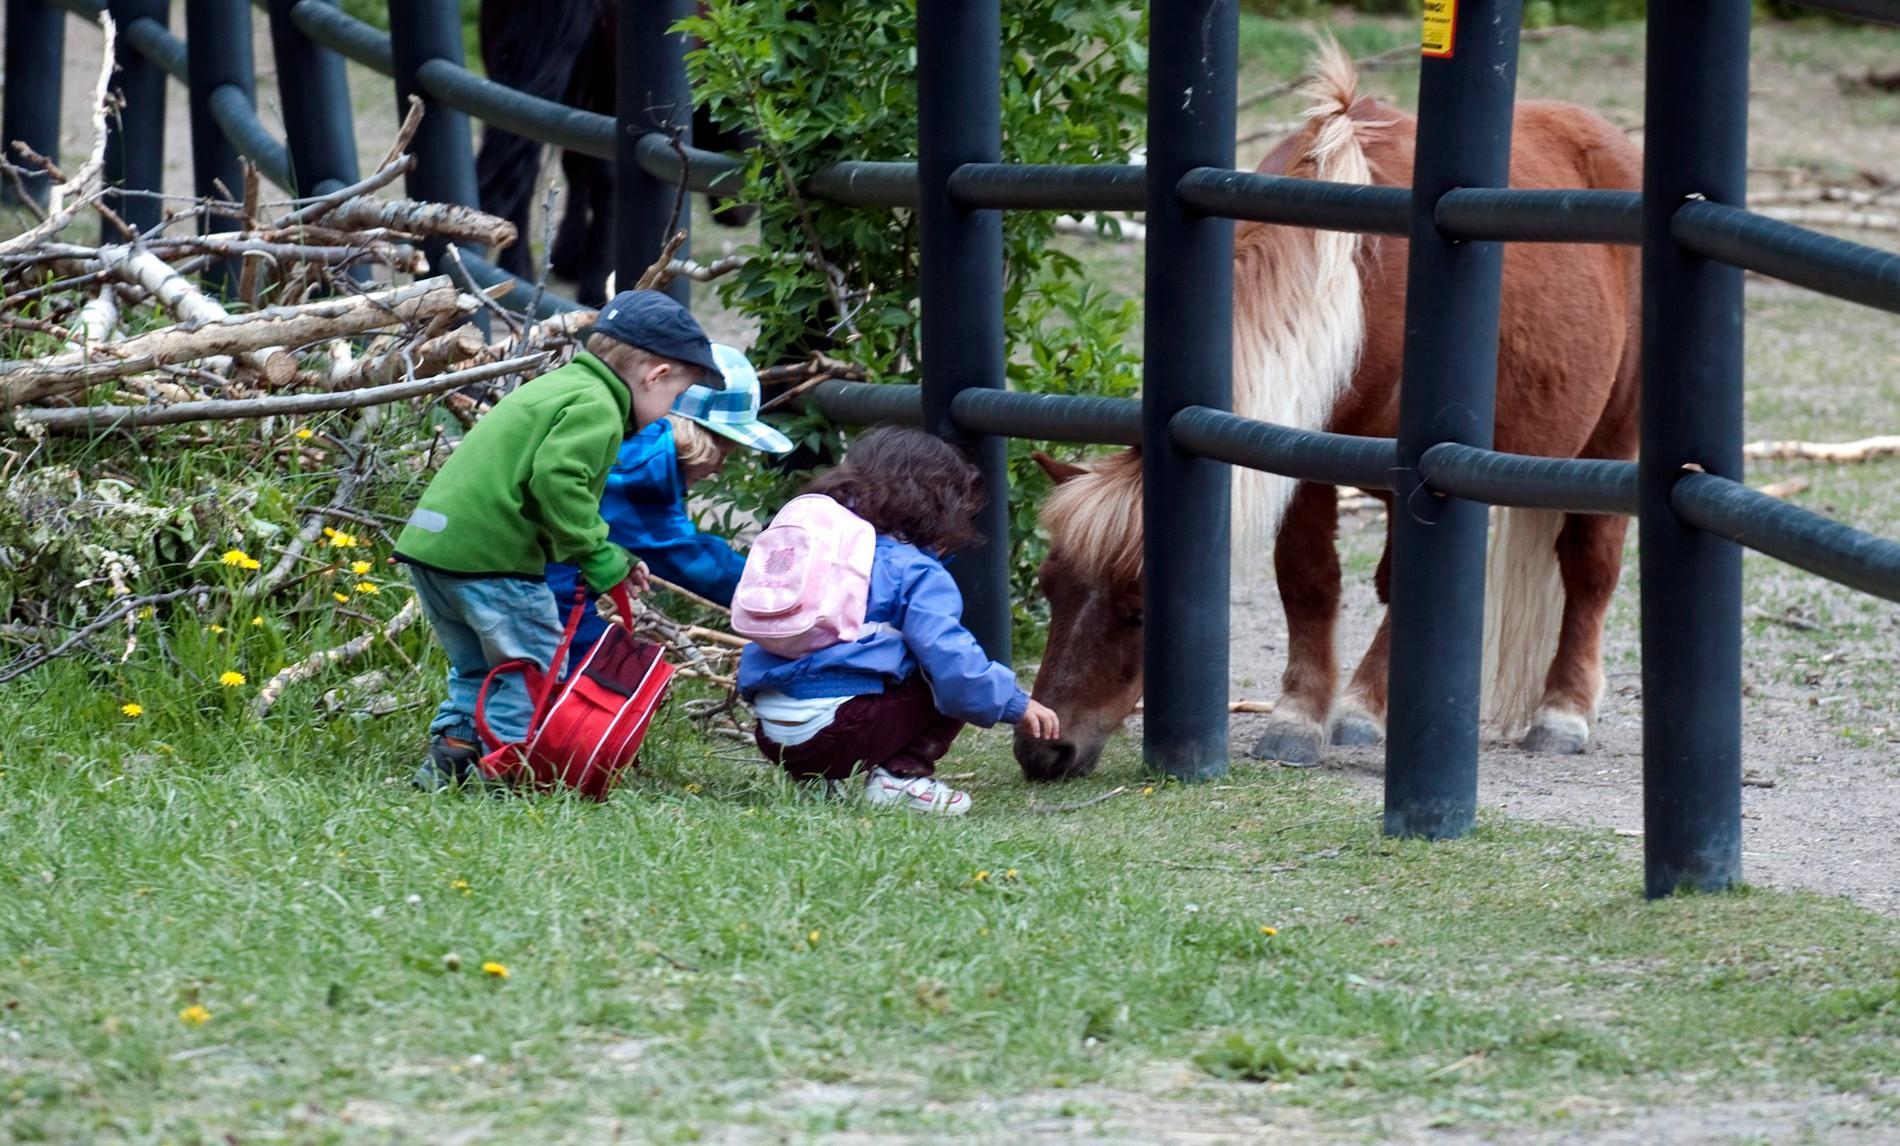 Barn hälsar på hästar i hage.